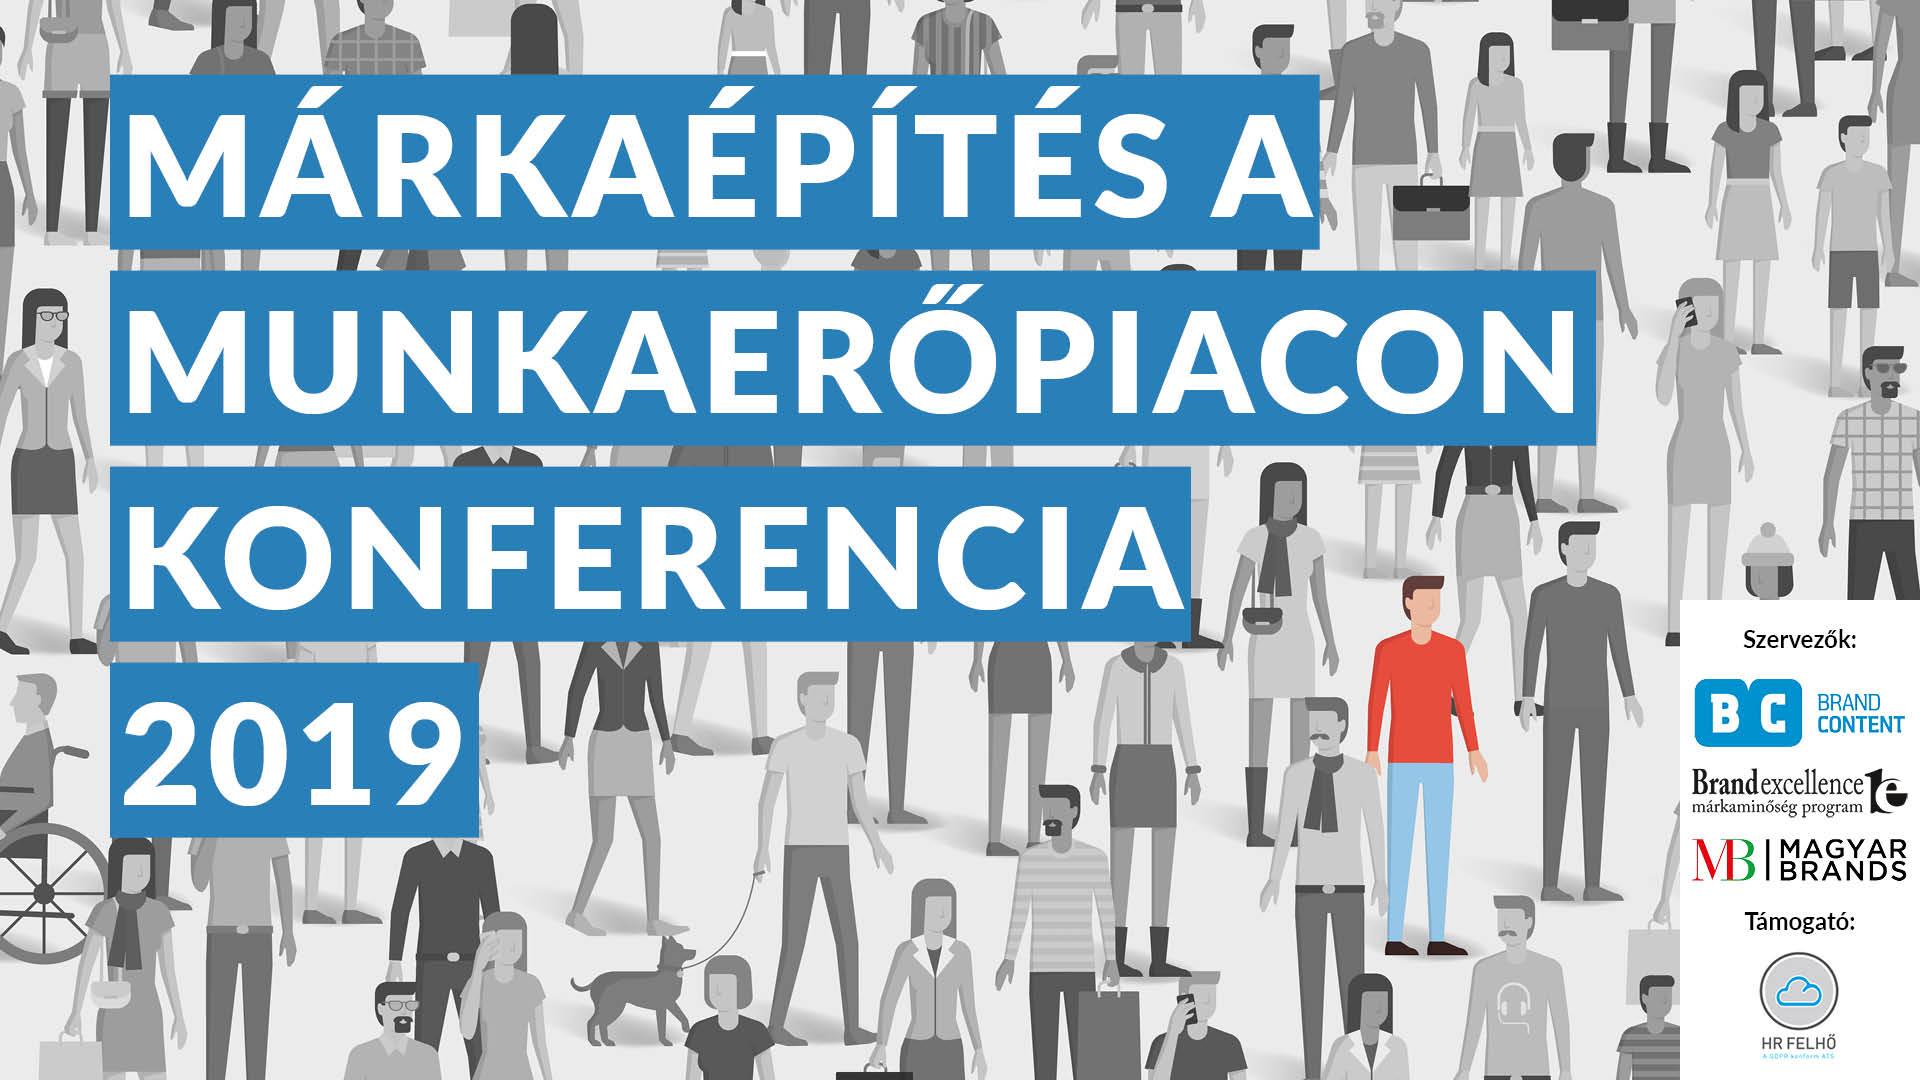 Márkaépítés a munkaerőpiacon konferencia 2019